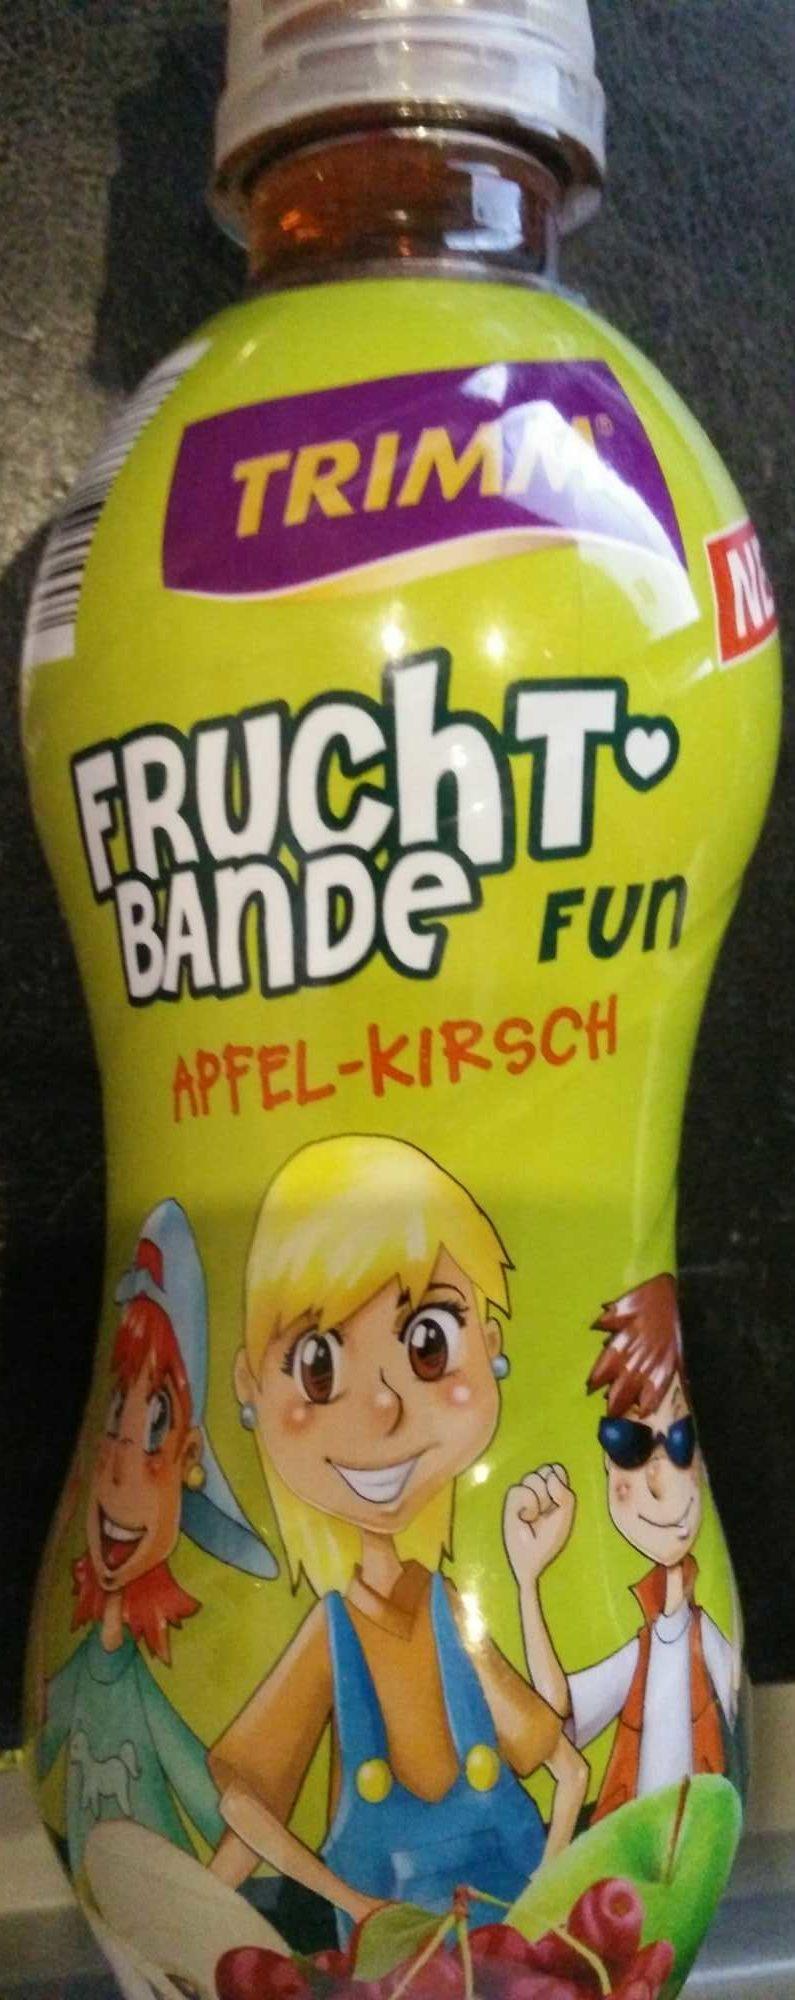 Frucht-Bande Fünf Apfel-Kirsch - Produkt